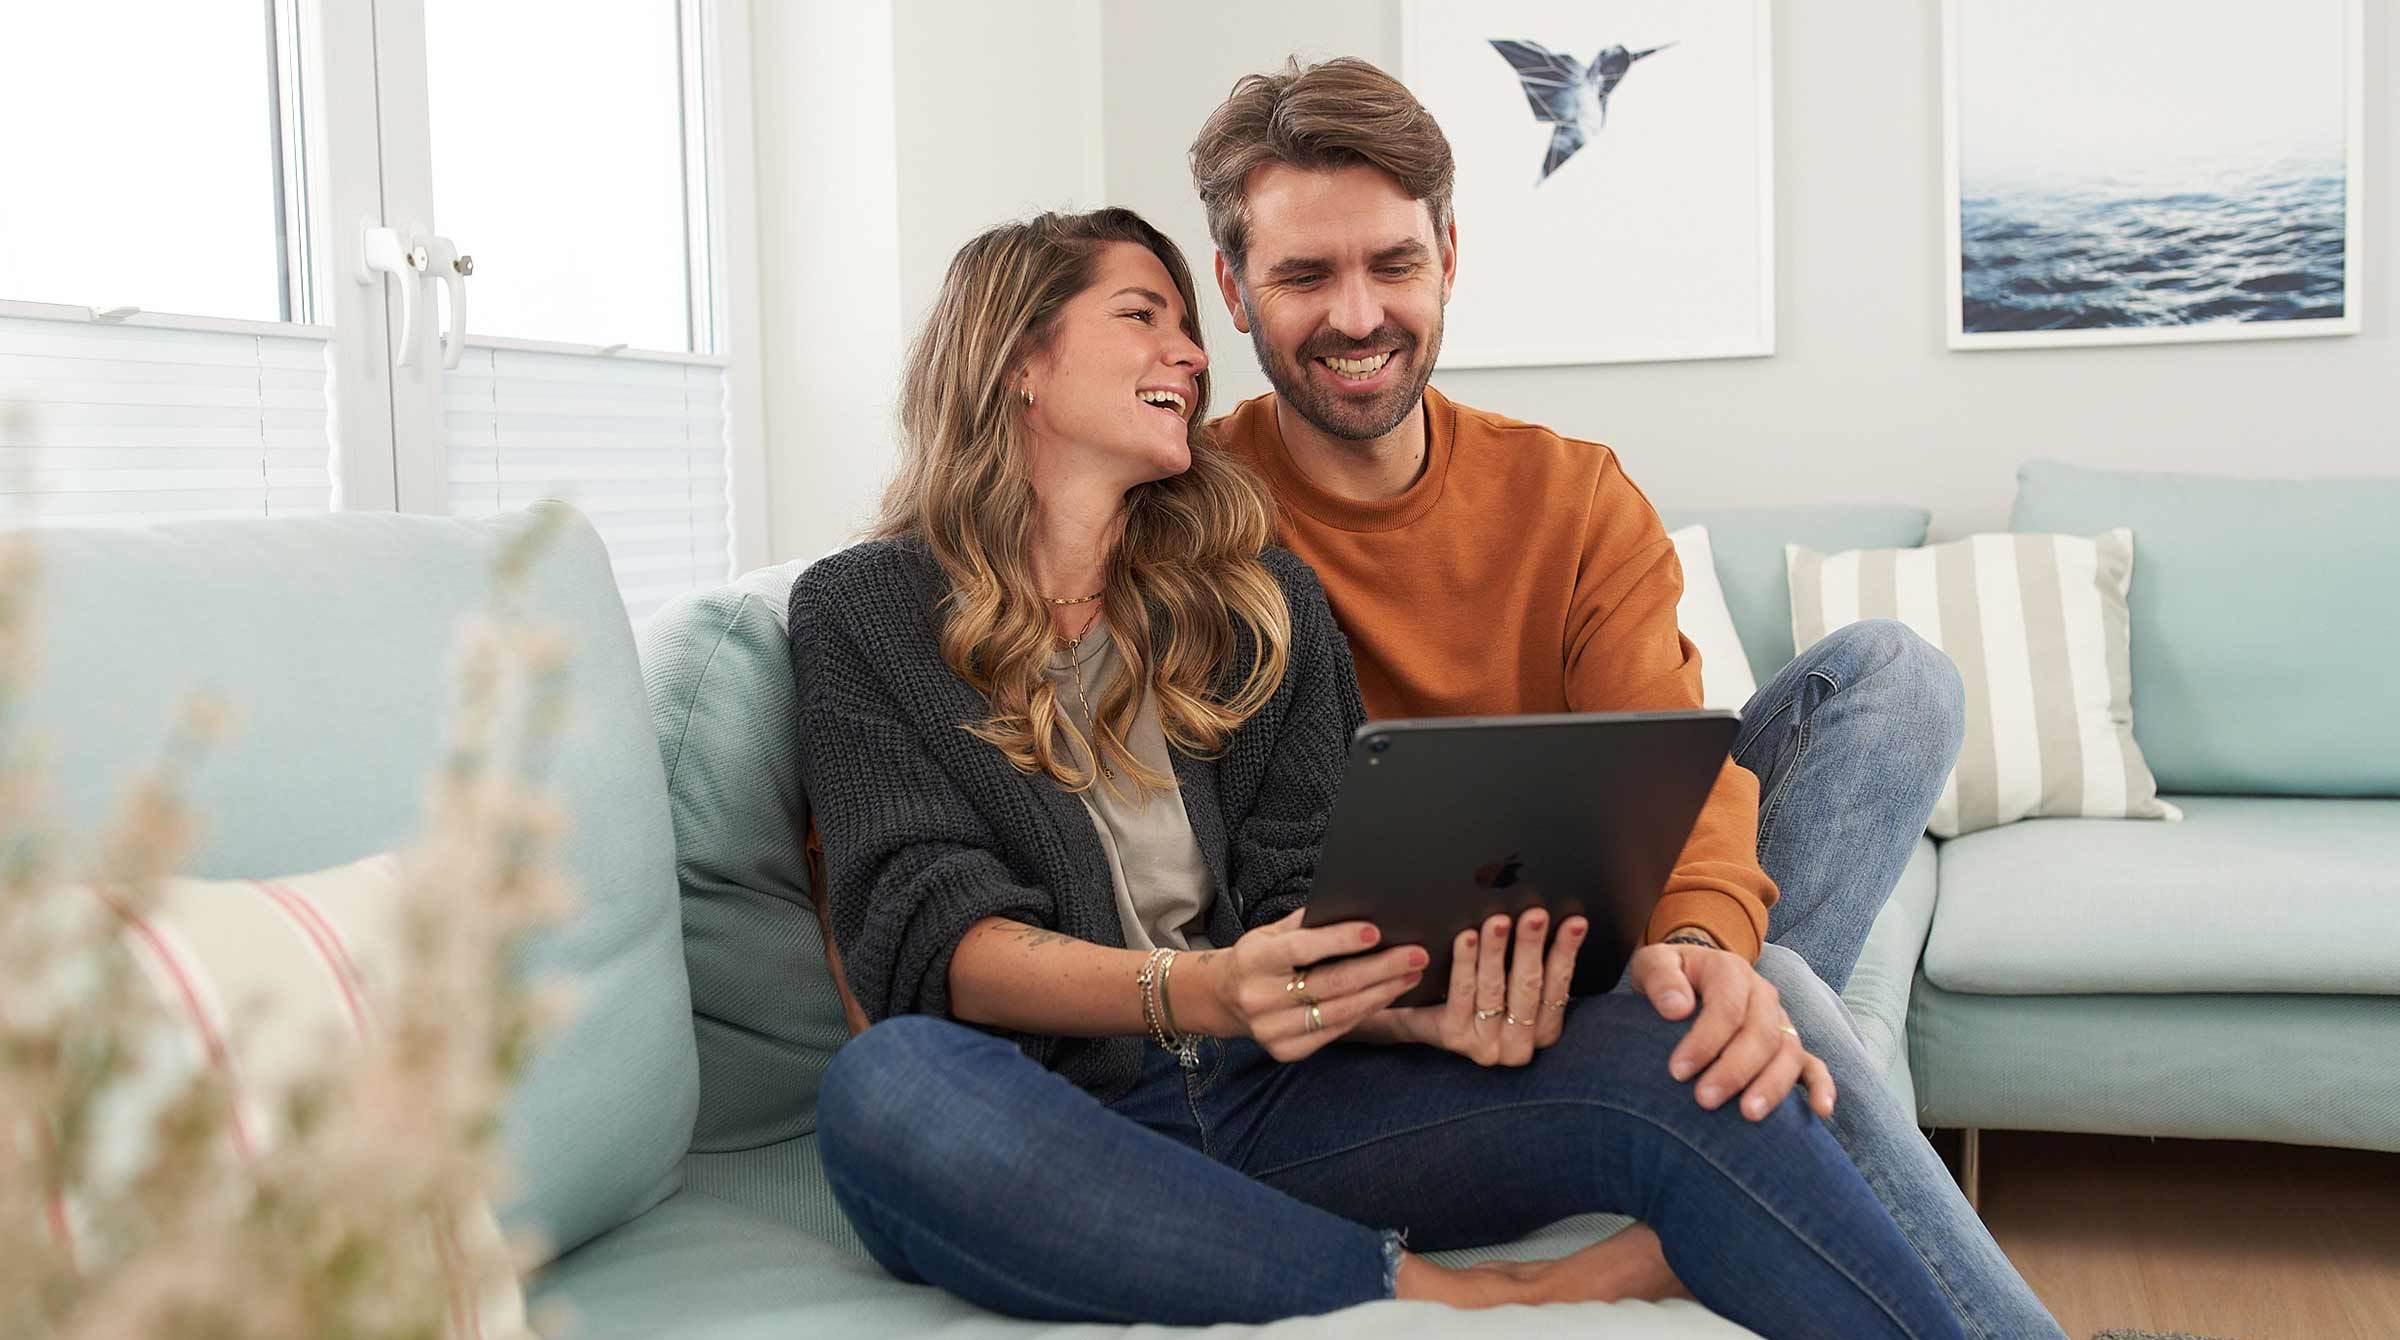 Introbild Immobilienkauf